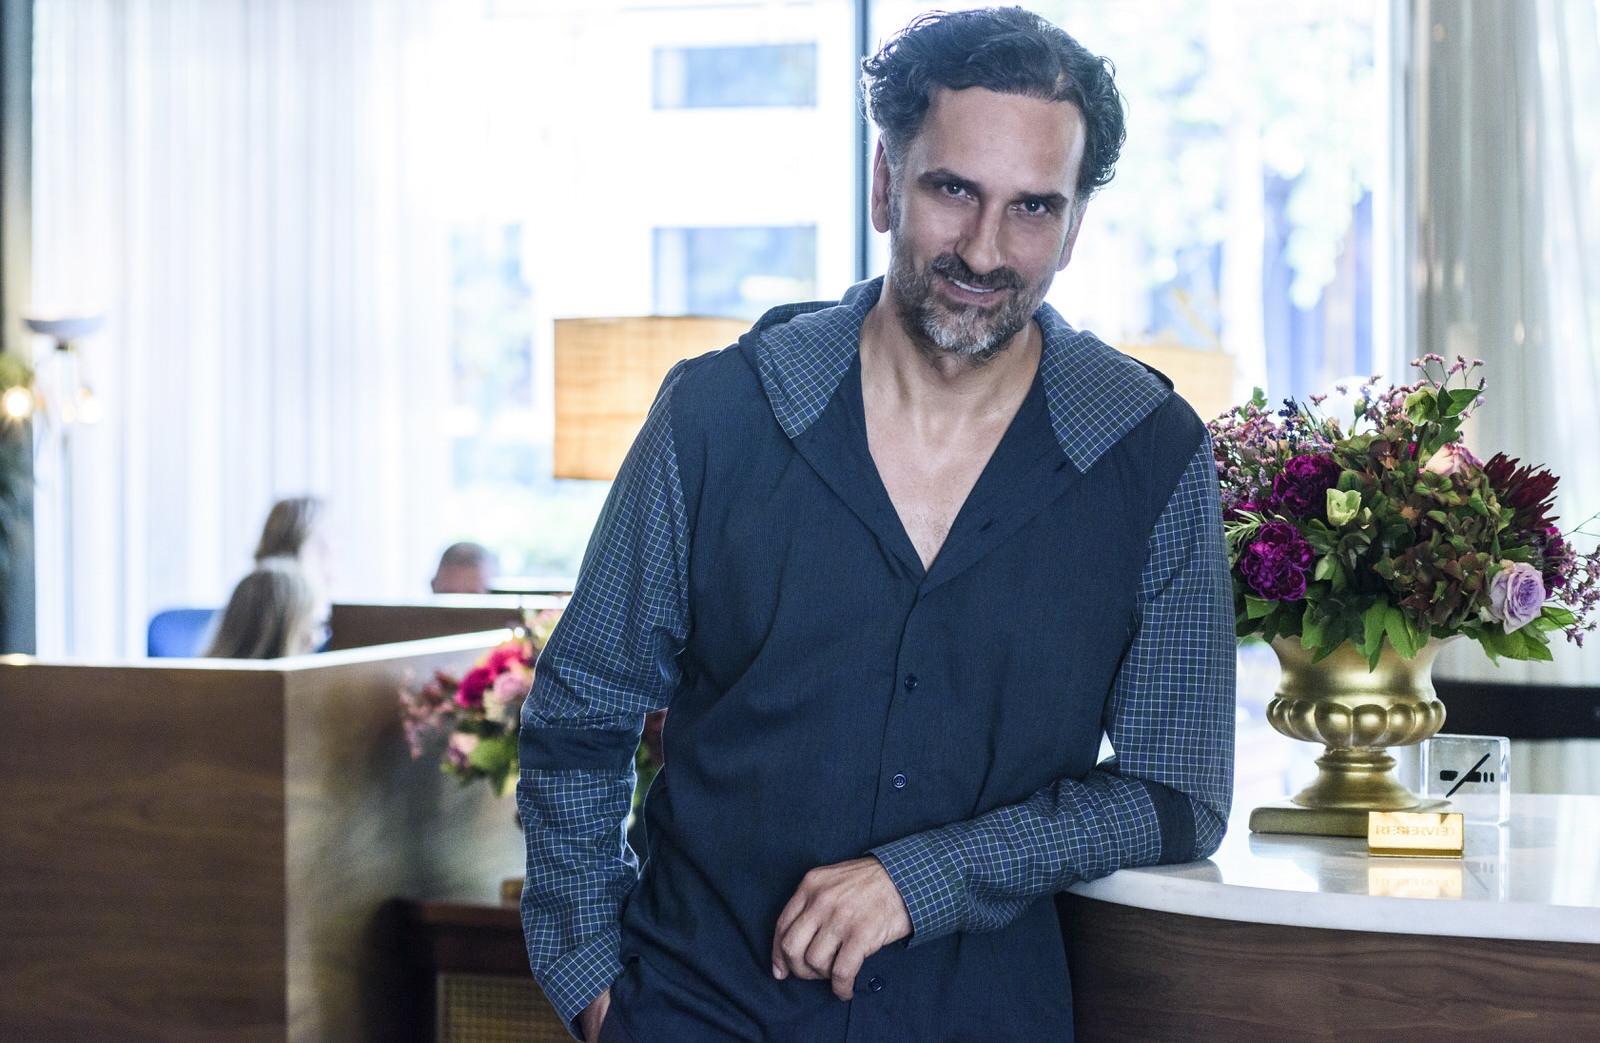 Νίκος Ψαρράς: «Γιατί να είναι ο καθένας ηθοποιός; Εγώ μπορώ να κάνω ένα χειρουργείο; Πώς θα βγεις;»